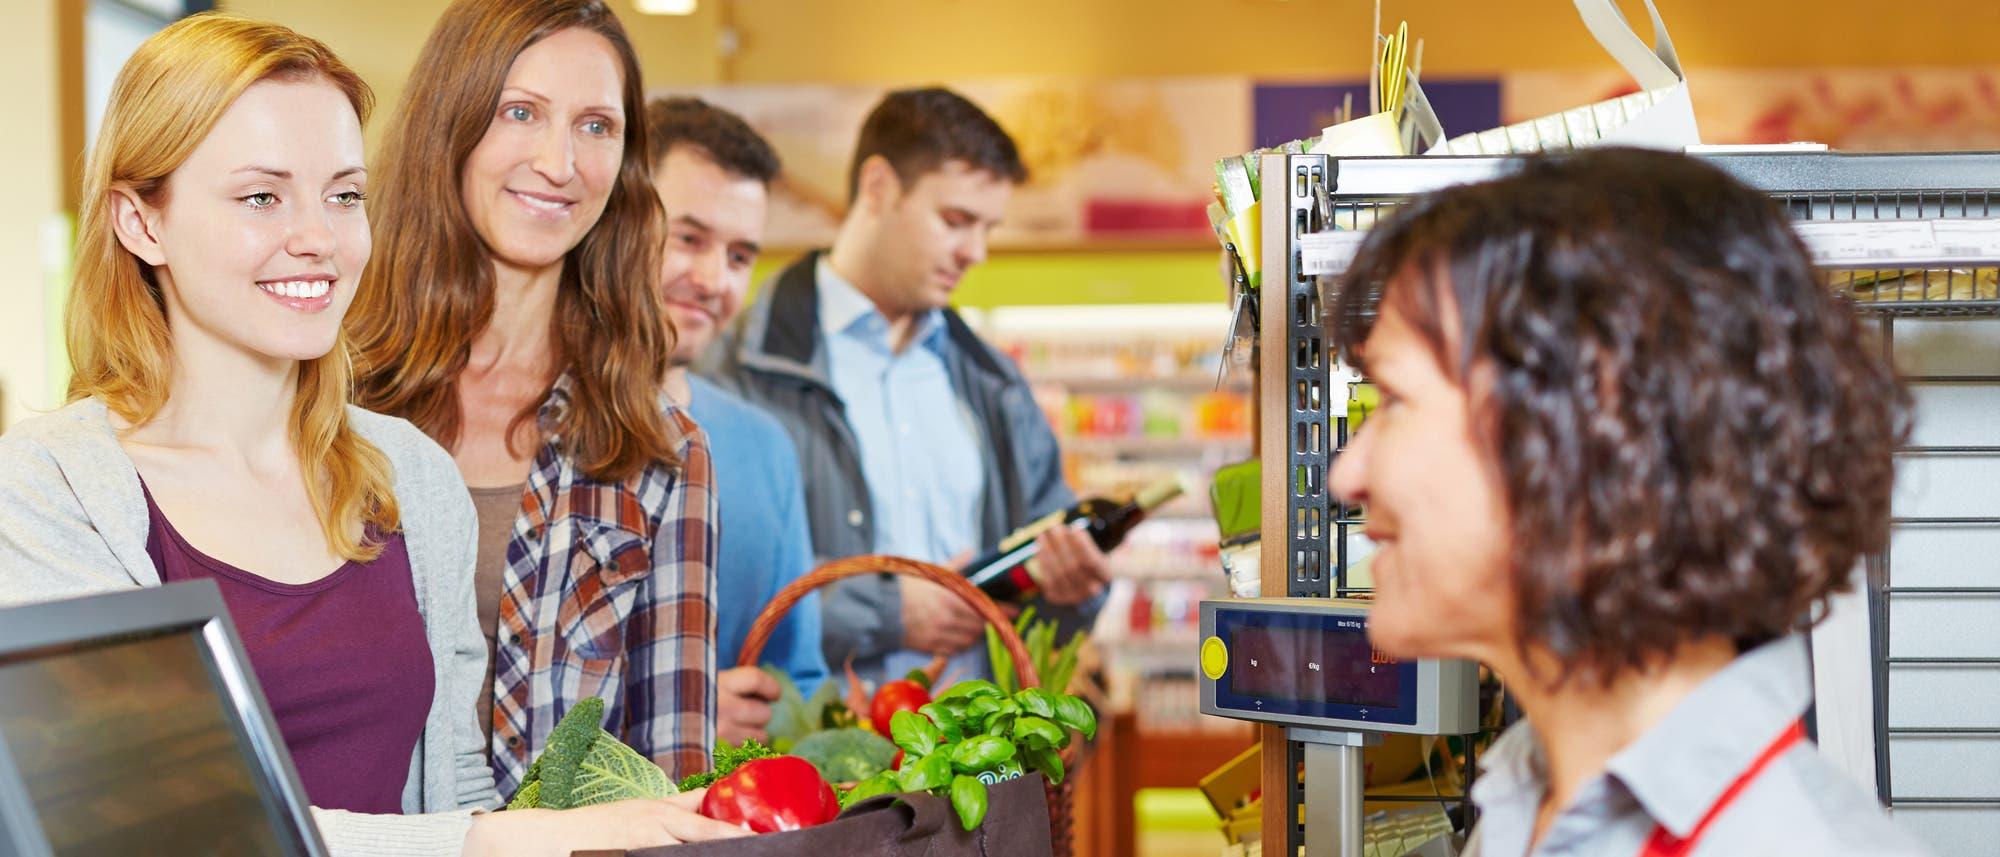 Schlange im Supermarkt